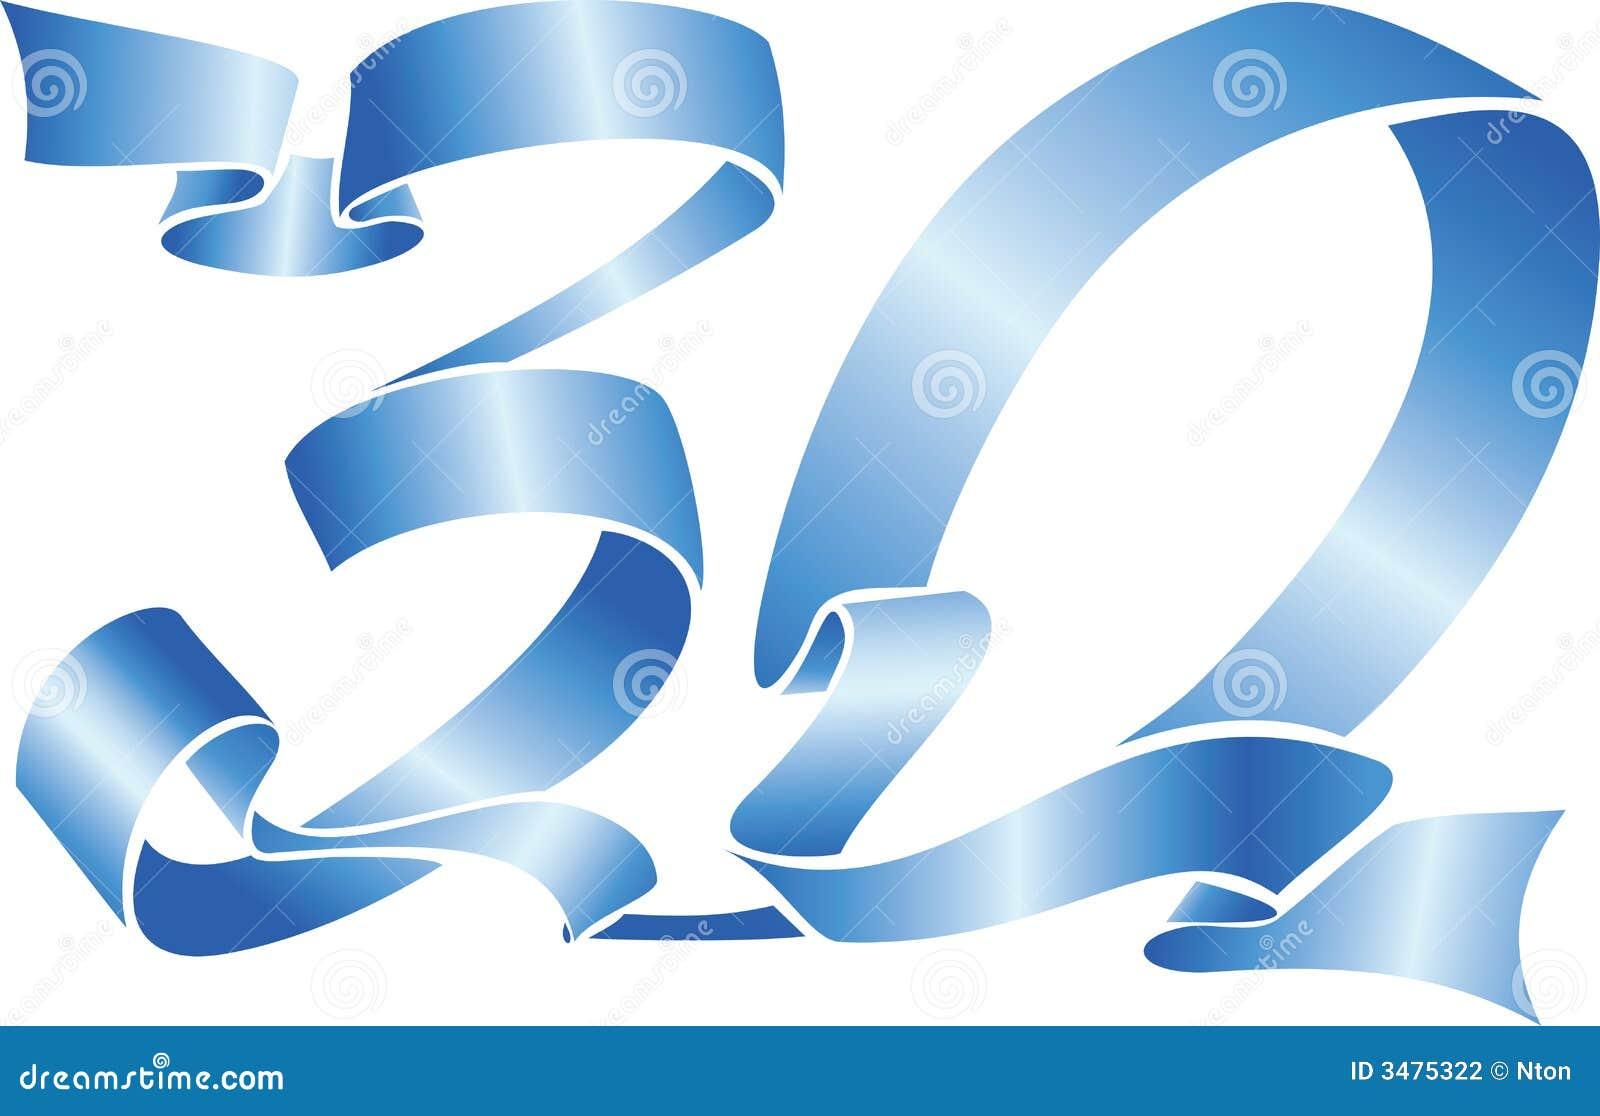 30 blue ribbon